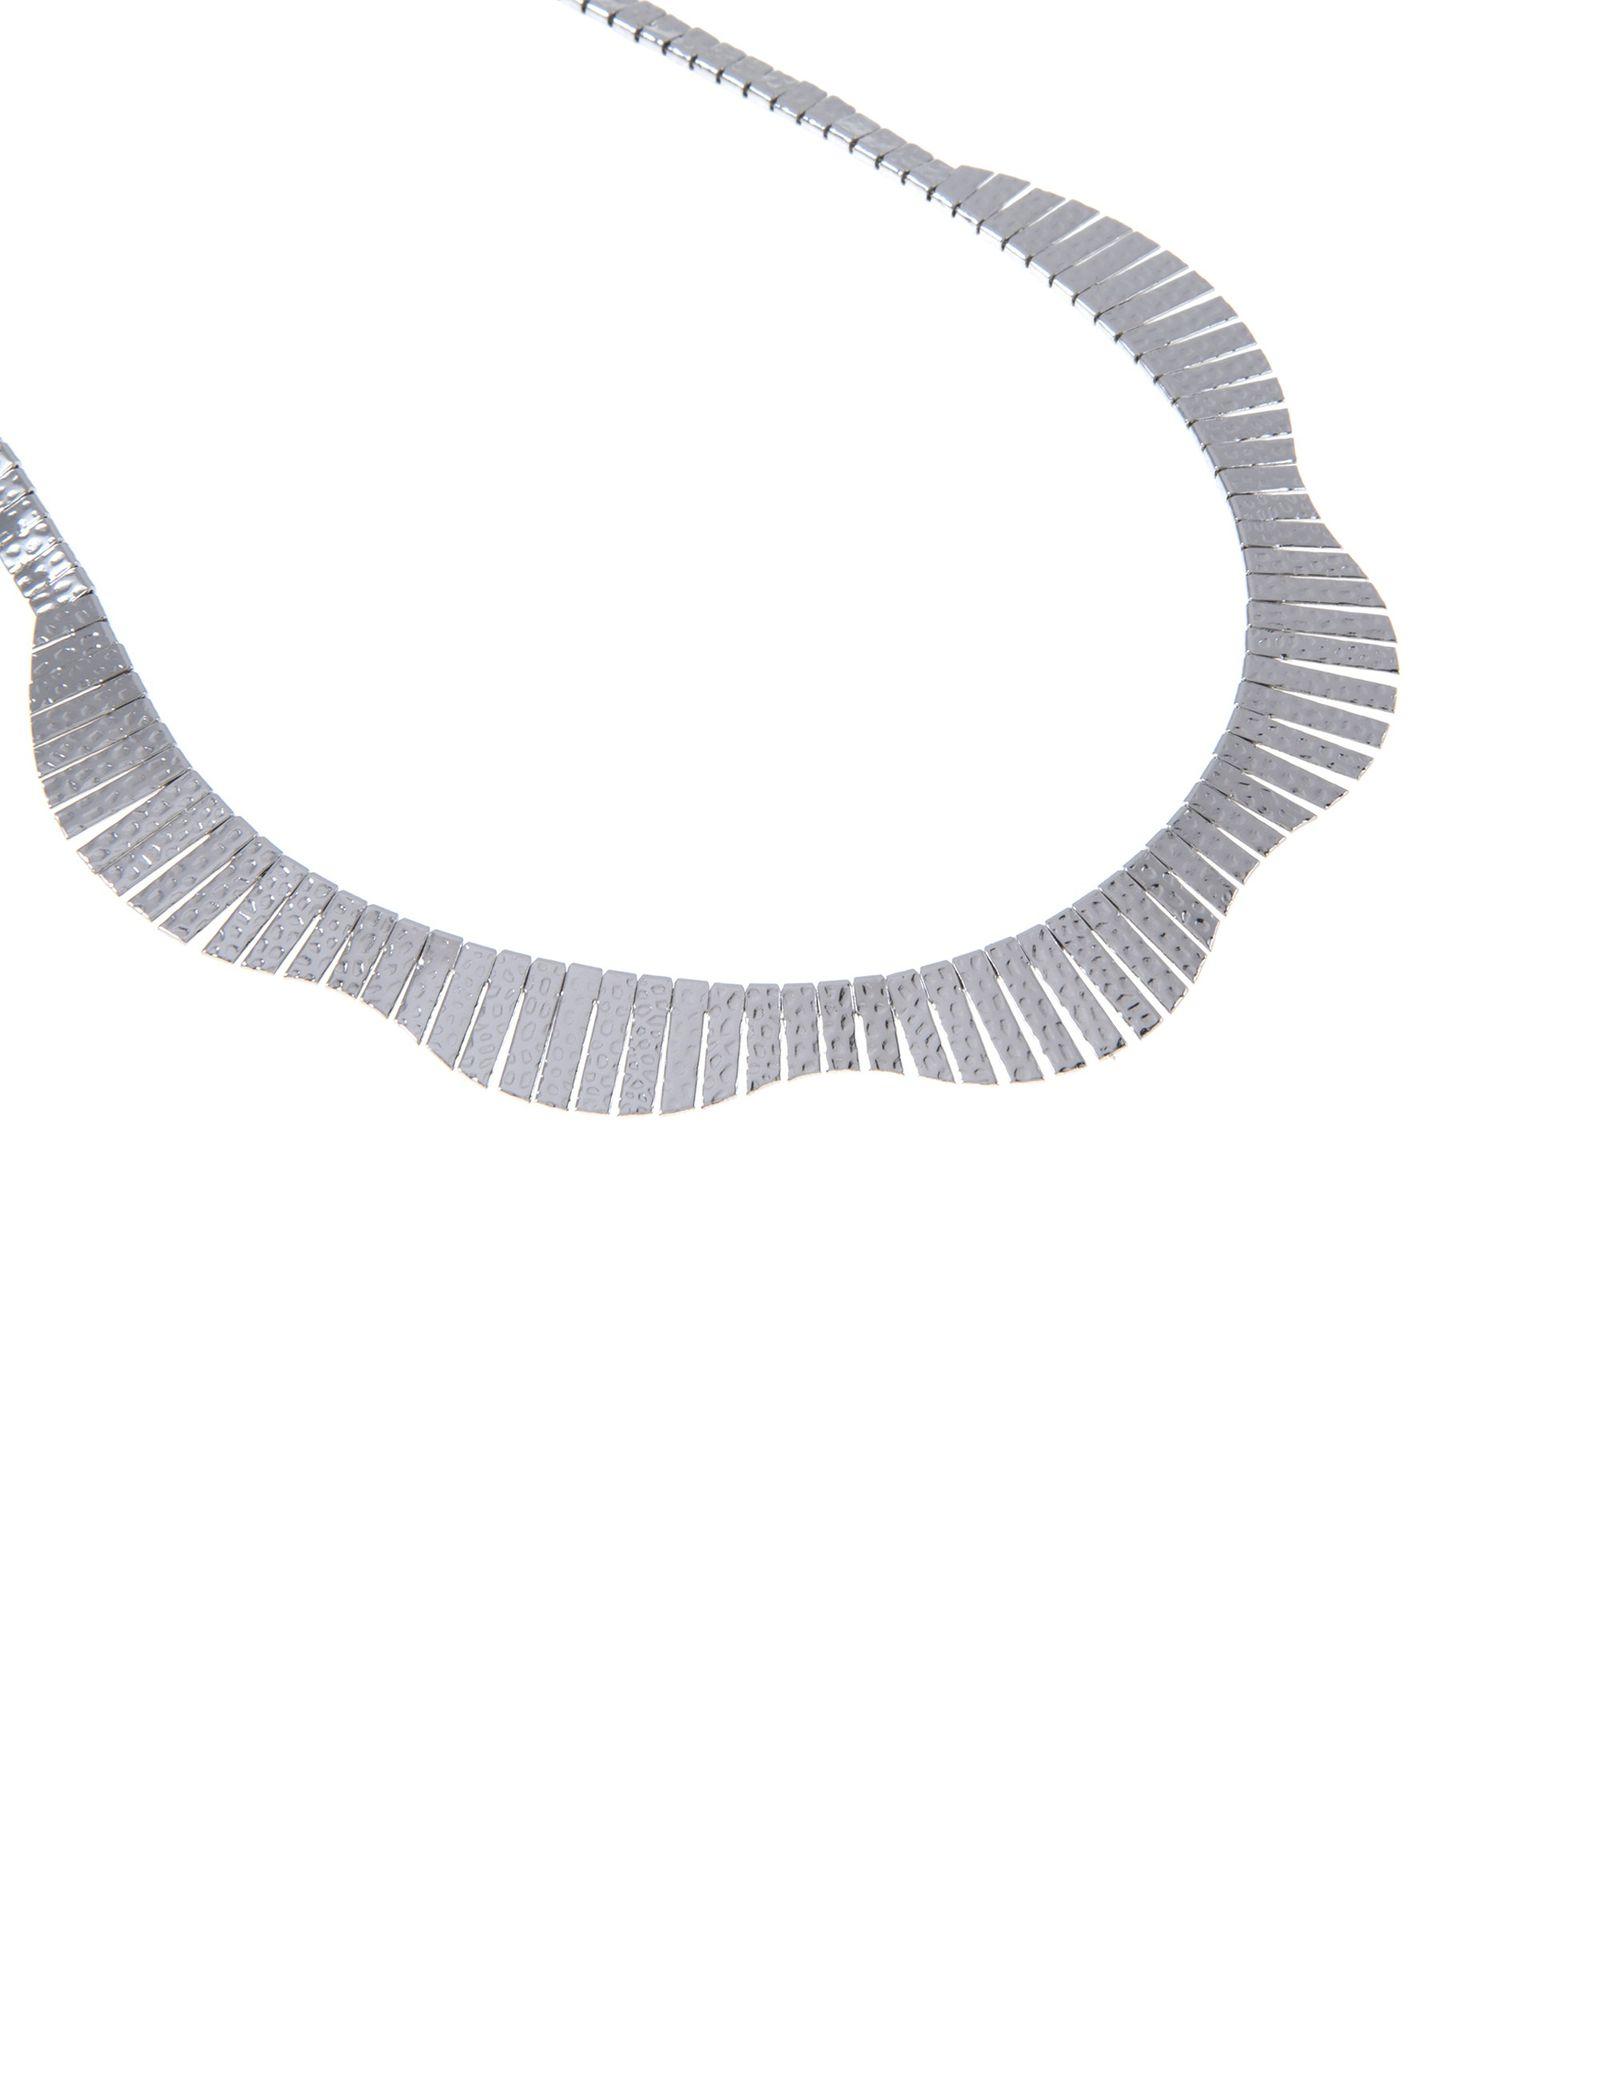 گردنبند زنانه - پارفوا - نقره اي - 2